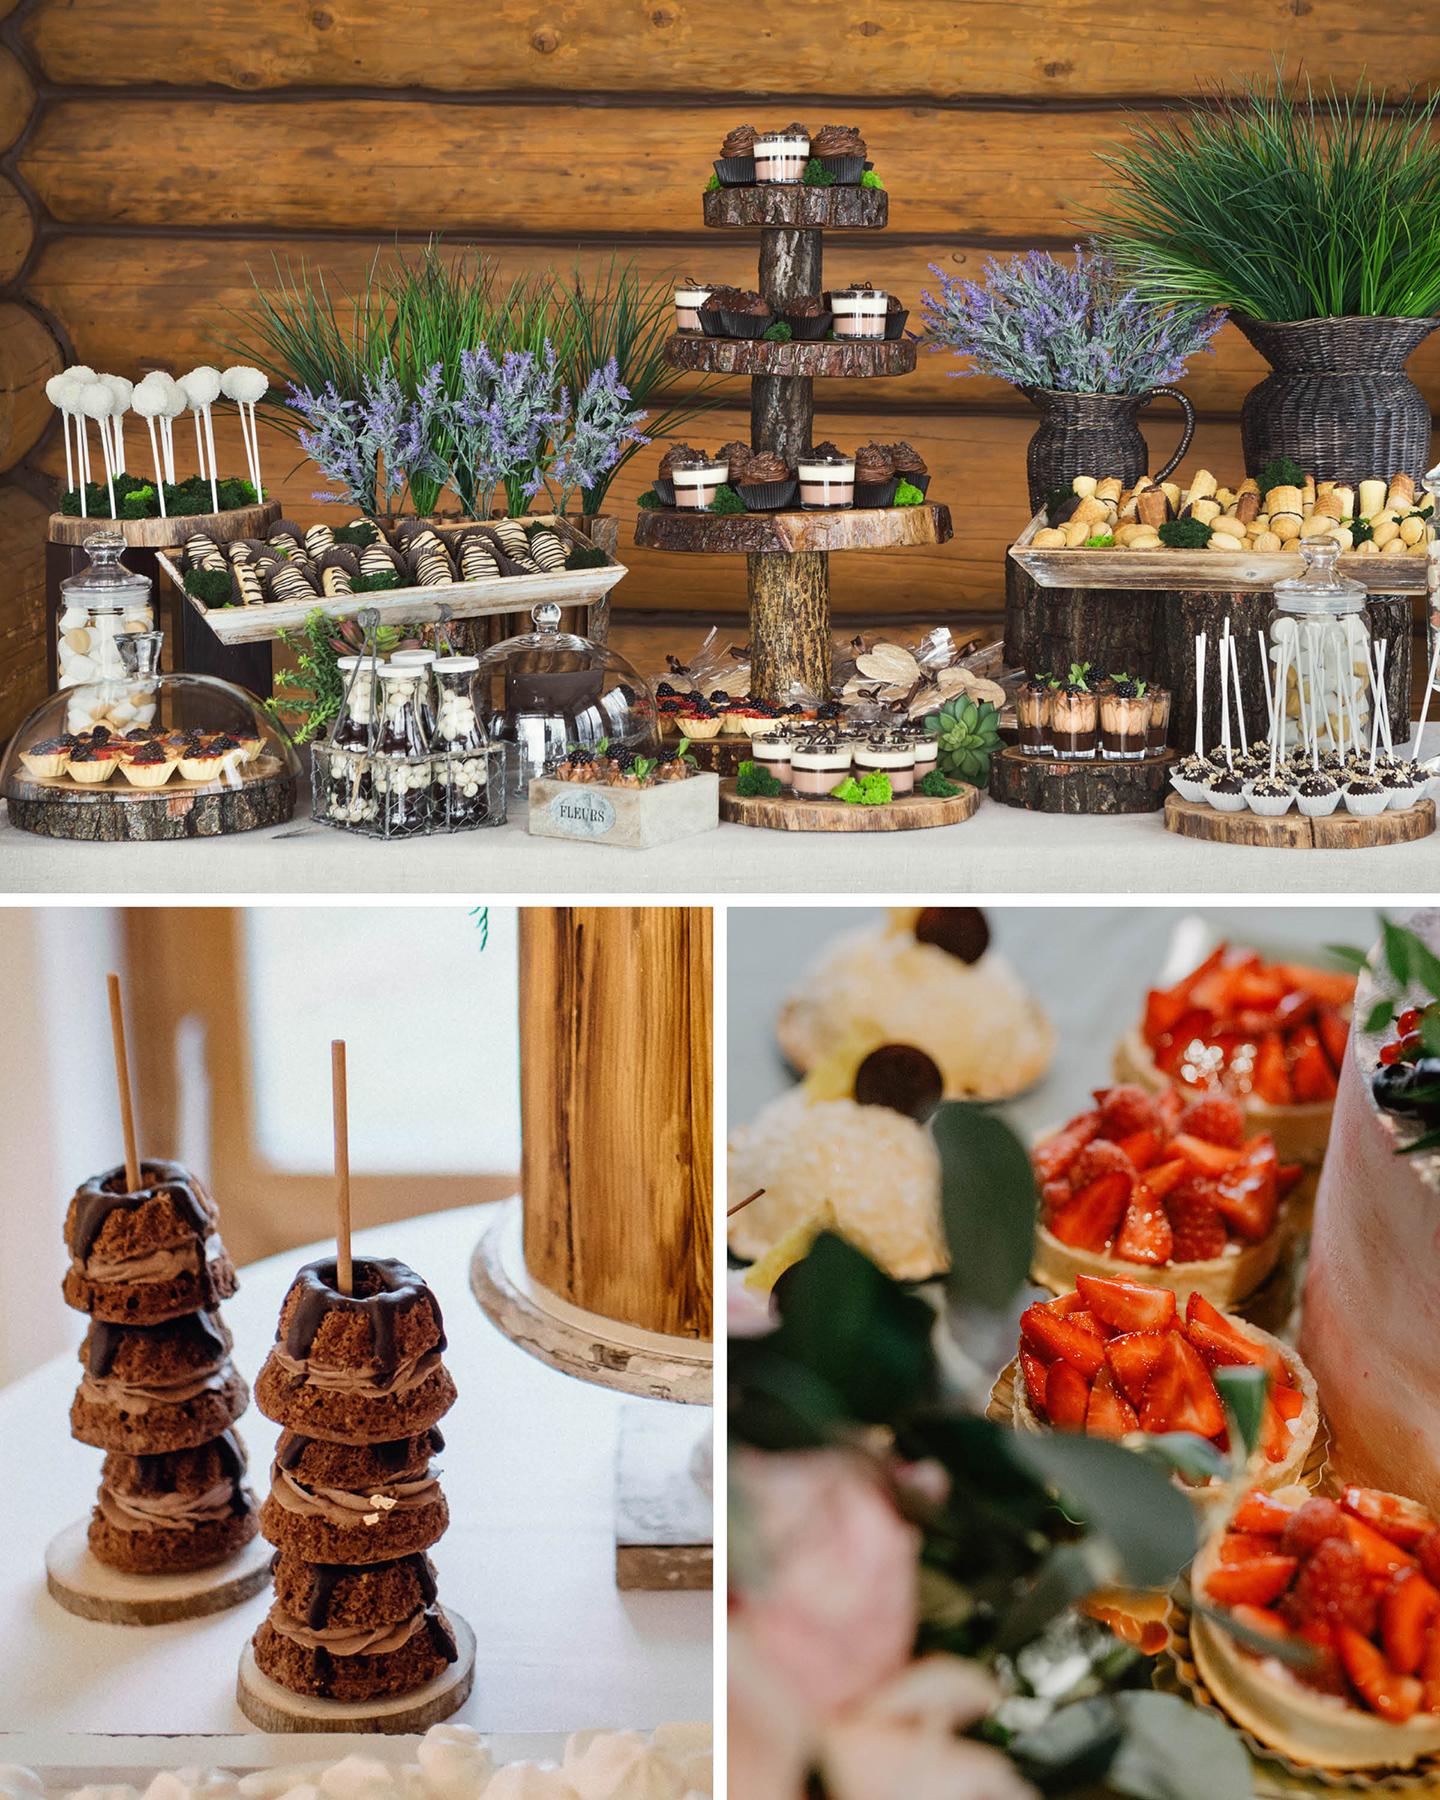 Sweat Table mit einer Vielzahl an süßen Leckereien. Detailaufnahmen von kleinen Kugelhupf Küchlein am Stiel und Erdbeer-Tartelettes